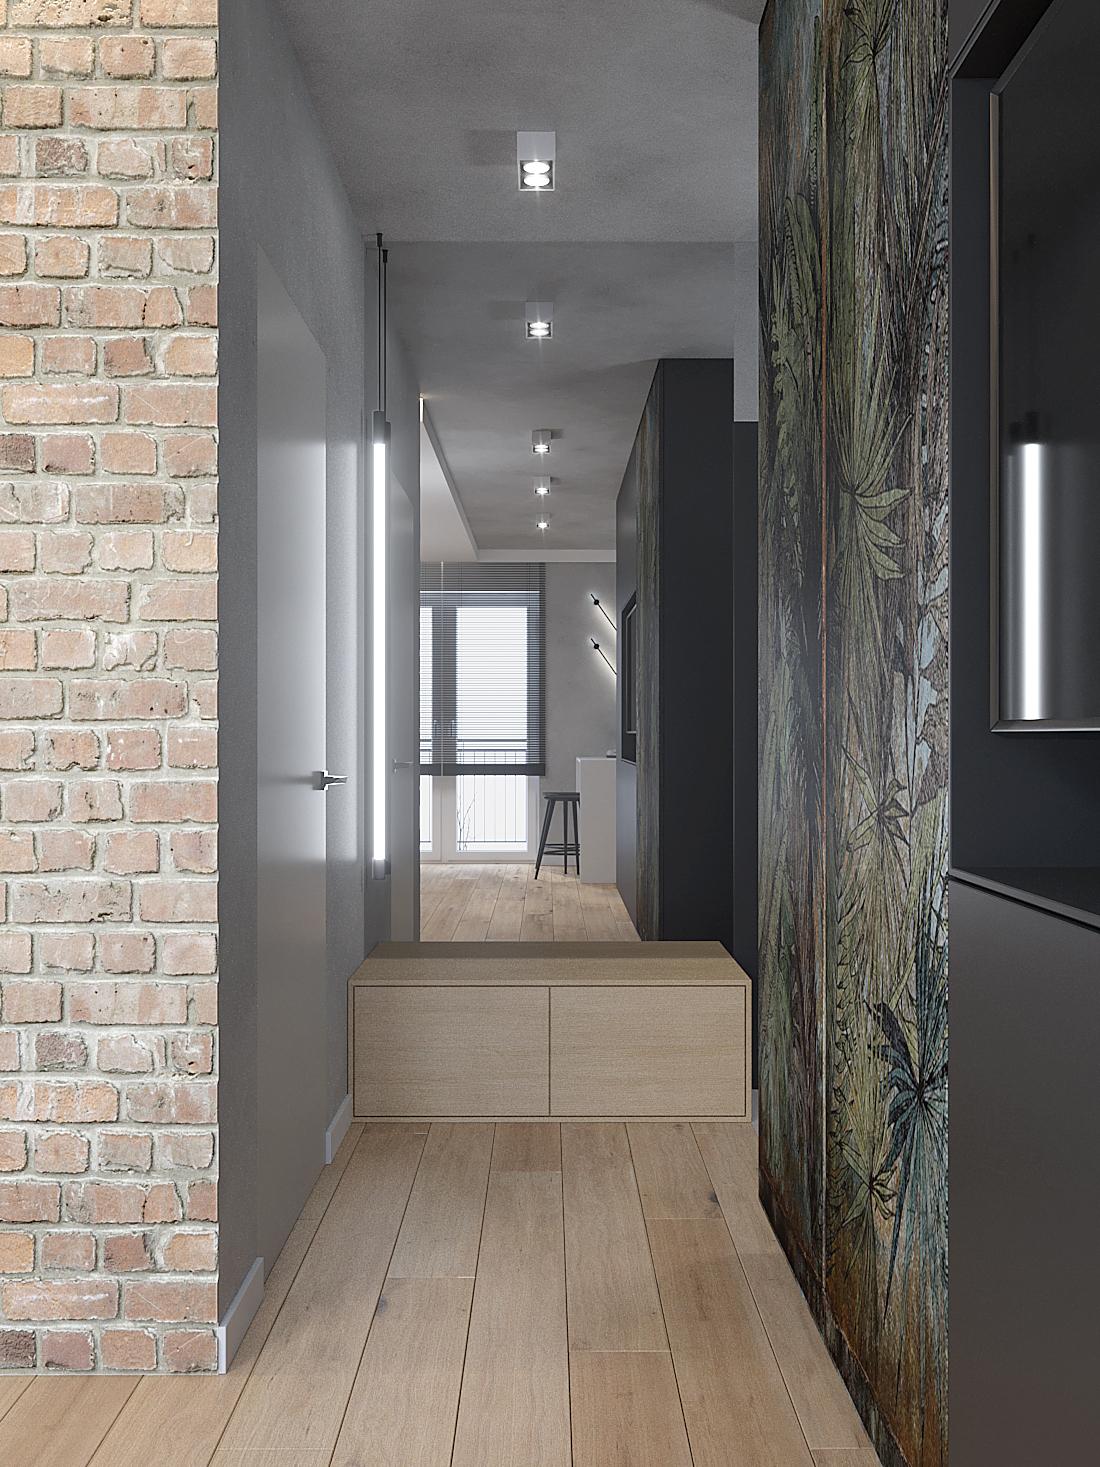 1 aranzacja wnetrz M387 mieszkanie Katowice korytarz siedzisko lustro cegla tapata liscie